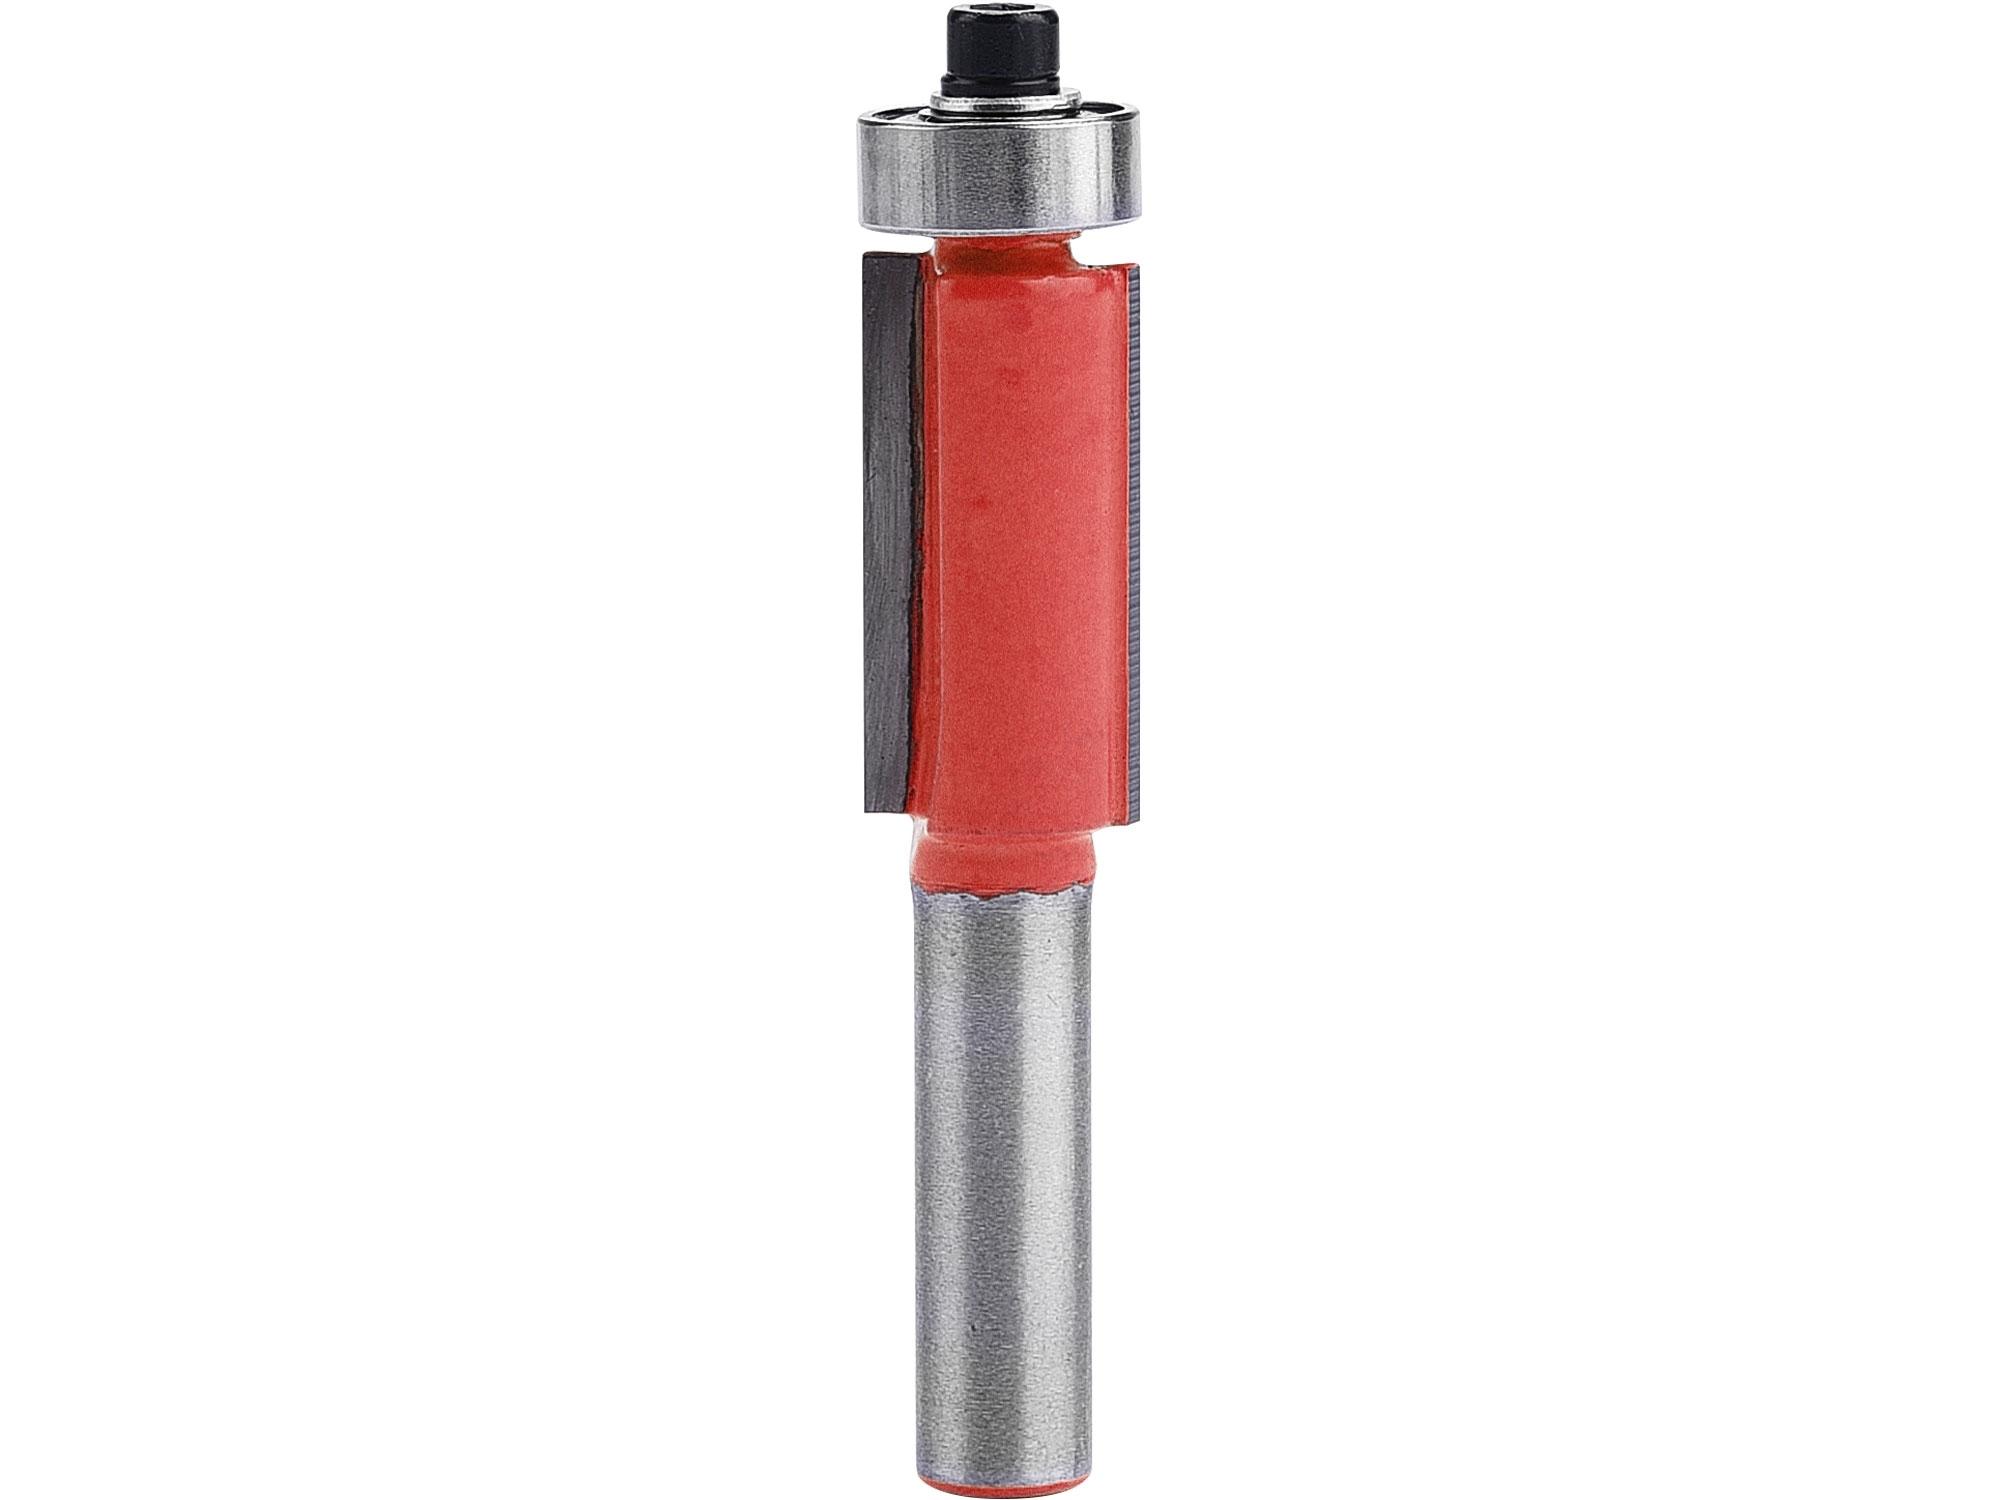 fréza ořezávací do dřeva, D12,7 x H25; průměr stopky 8mm